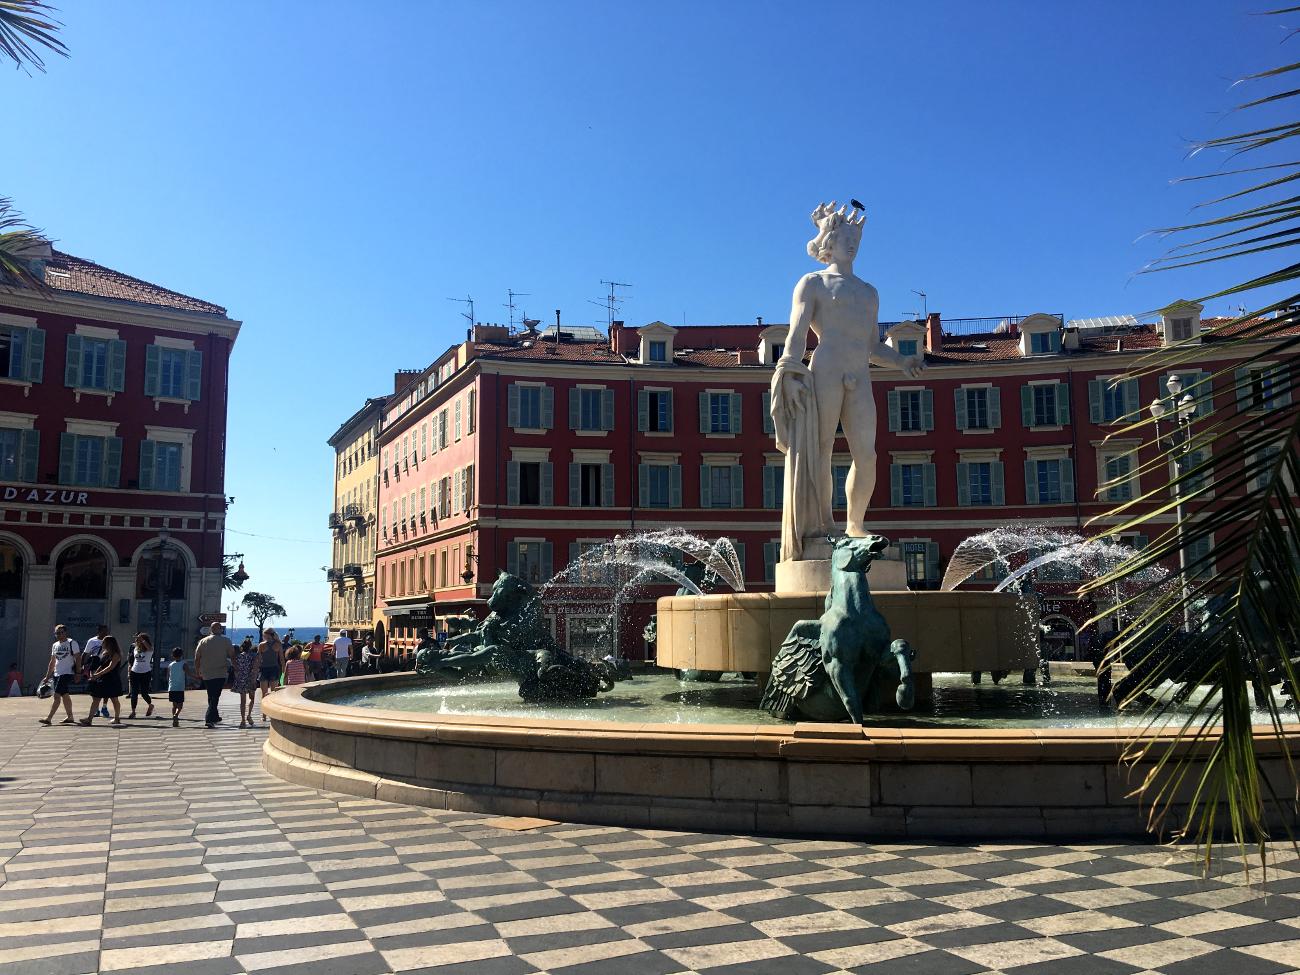 cosa vedere a Nizza - Place Massena